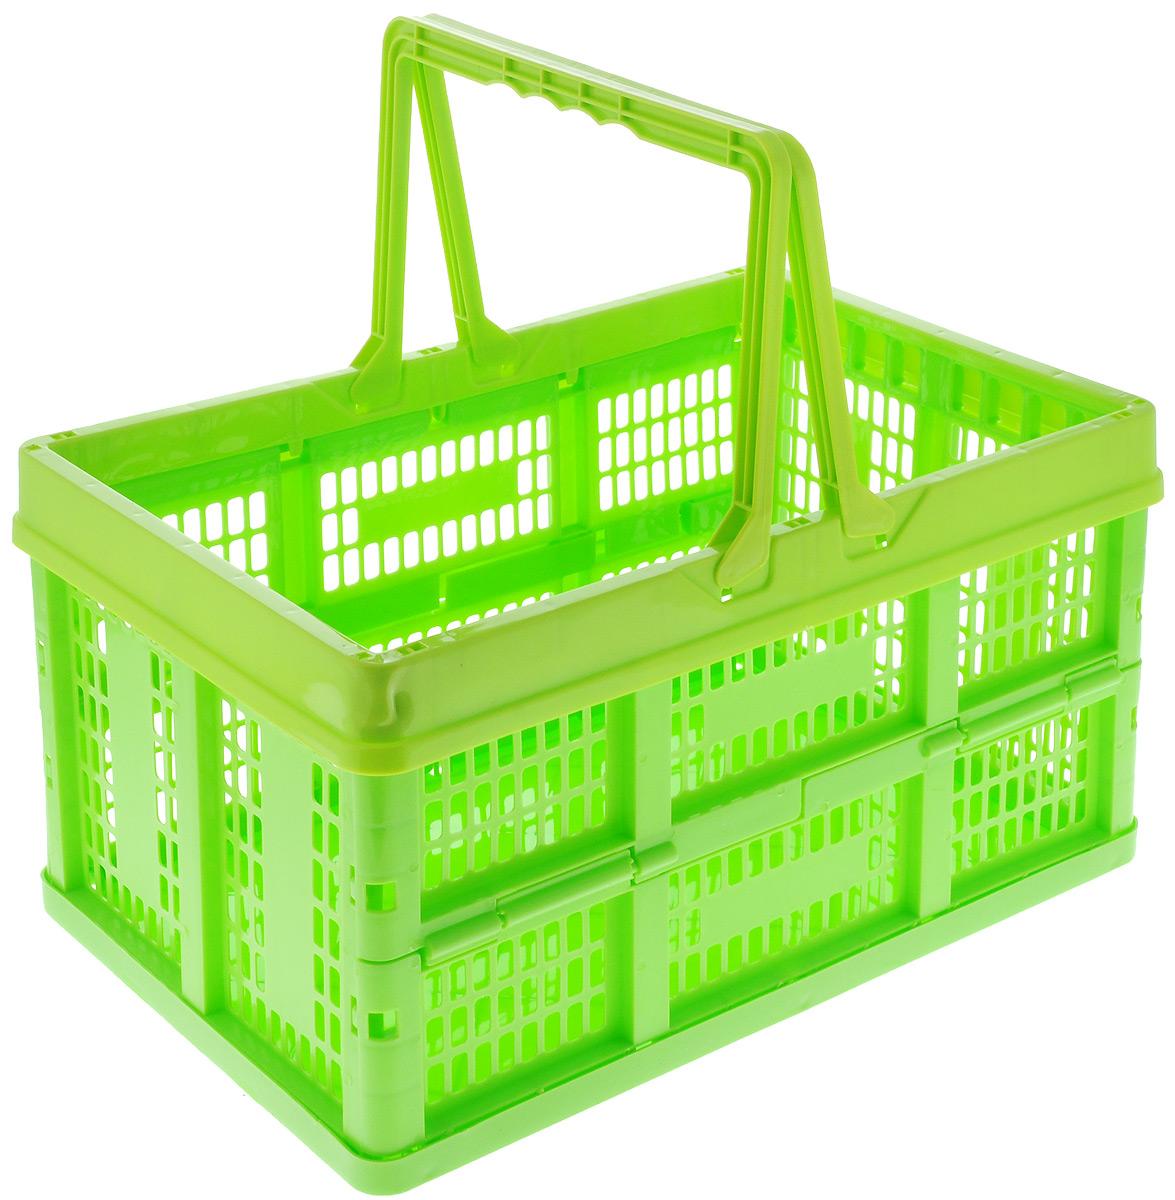 Ящик универсальный Альтернатива, раскладной, цвет: салатовый, 38,5 х 25,5 х 21 см662034_салатовыйУниверсальный ящик Альтернатива изготовлен из высококачественногопластика. Ящик предназначен для хранения и транспортировки овощей. Оноснащен ручками для переноски.При необходимости ящик можно сложить. Ящик компактный, он не займет многоместа.Универсальный ящик Альтернатива станет незаменимым дома или на даче. Размер ящика (в сложенном виде): 38,5 х 26 х 5,5 см.